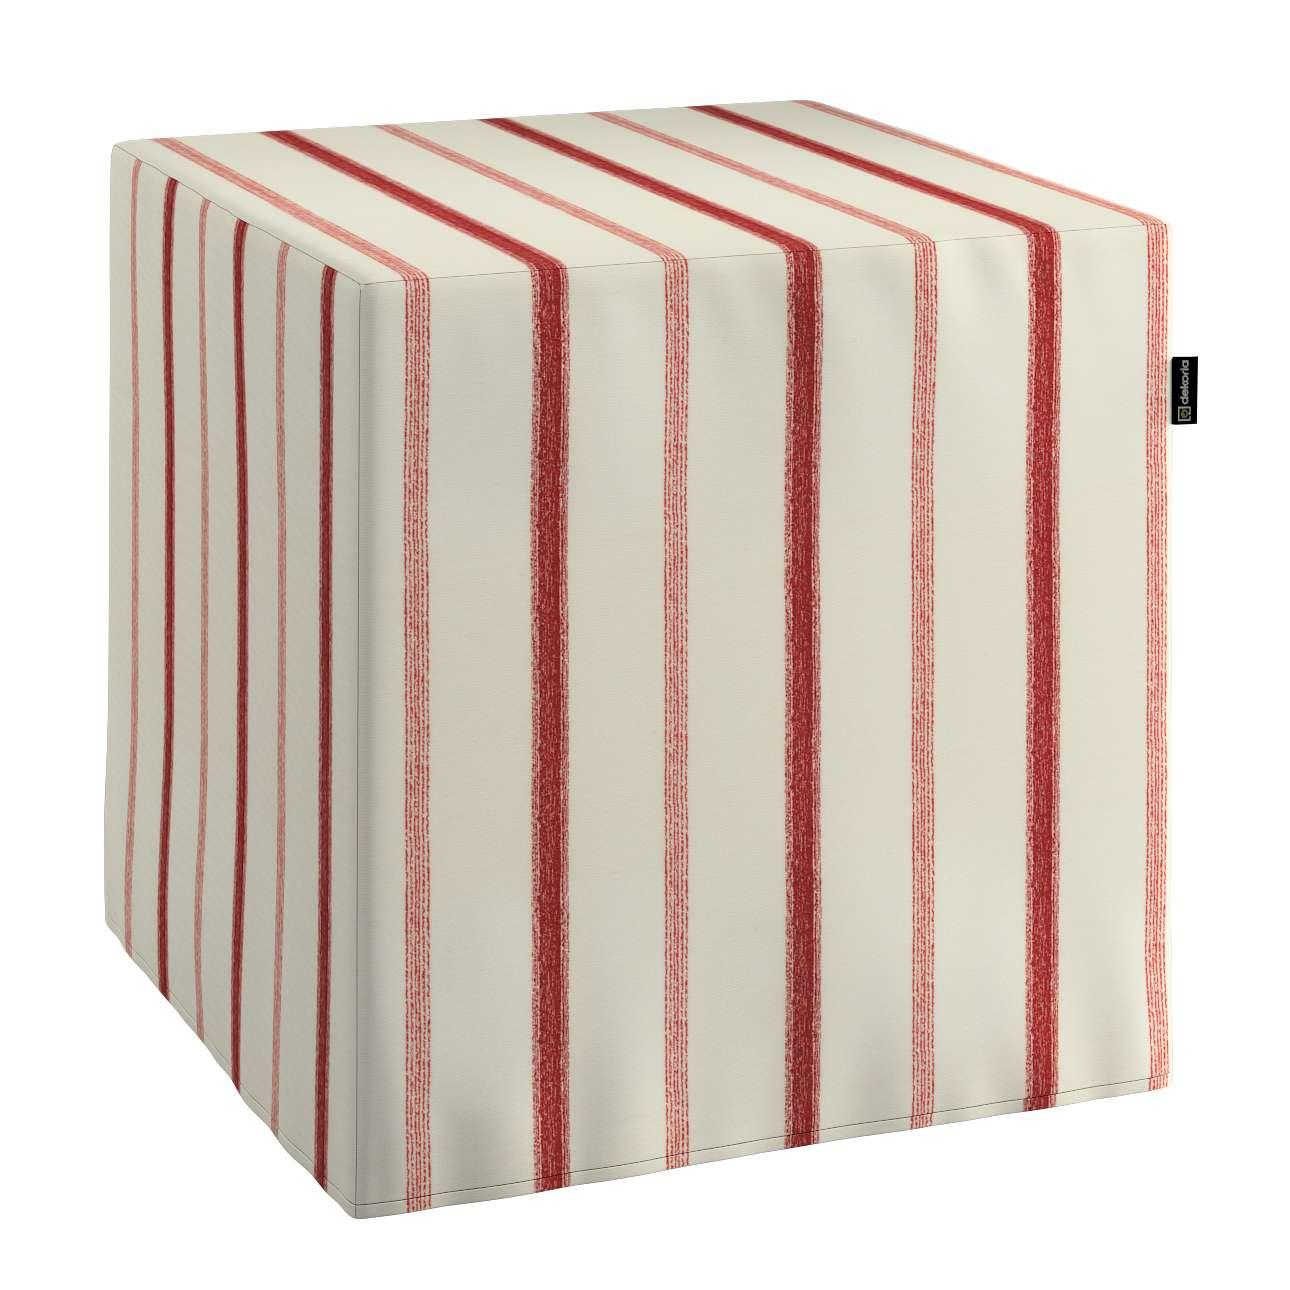 Harter Sitzwürfel 40 x 40 x 40 cm von der Kollektion Avinon, Stoff: 129-15